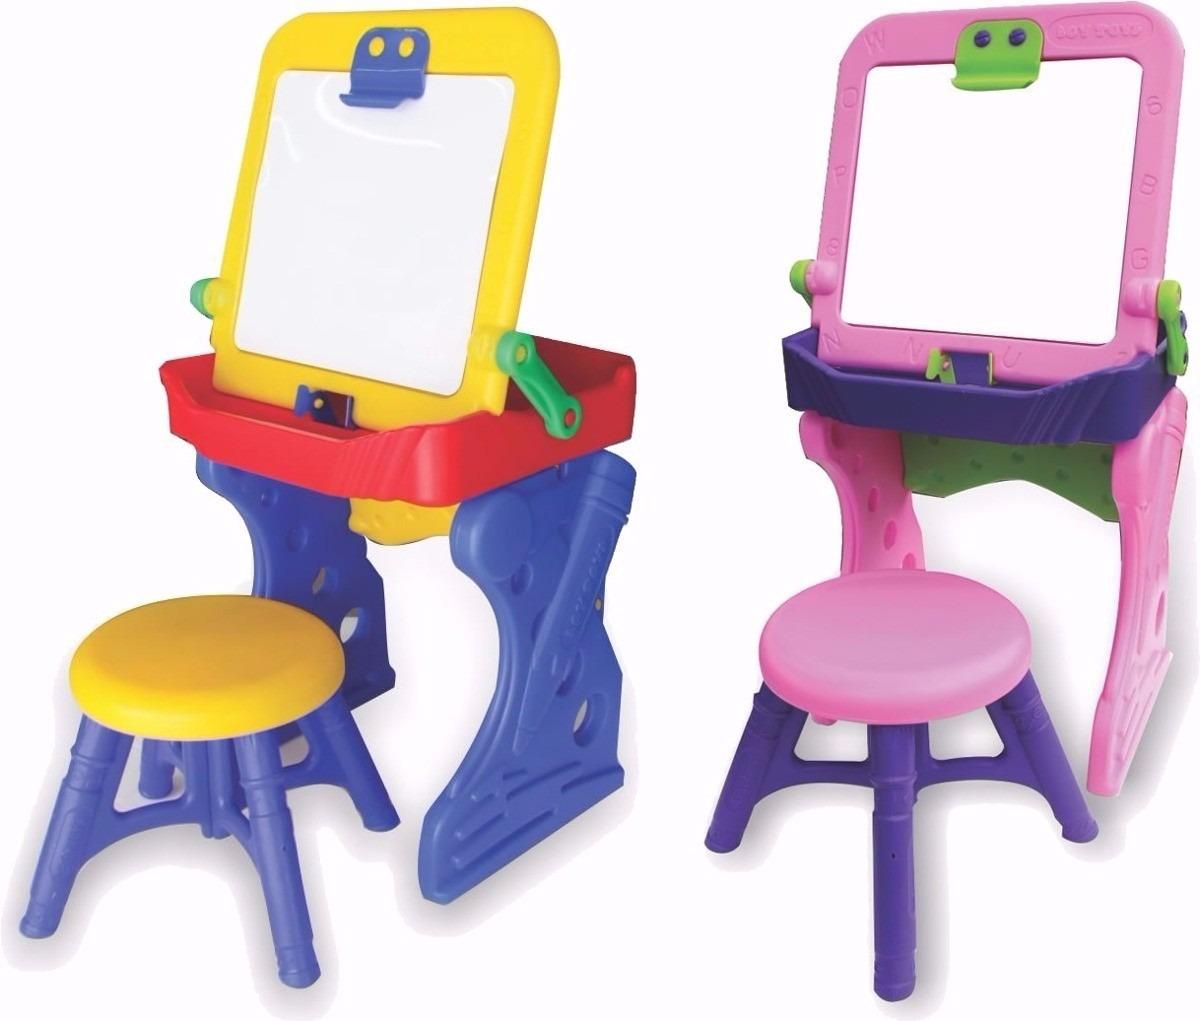 Mesa escritorio tablero acrilico infantil mesa silla escolar en mercado libre for Escritorio infantil